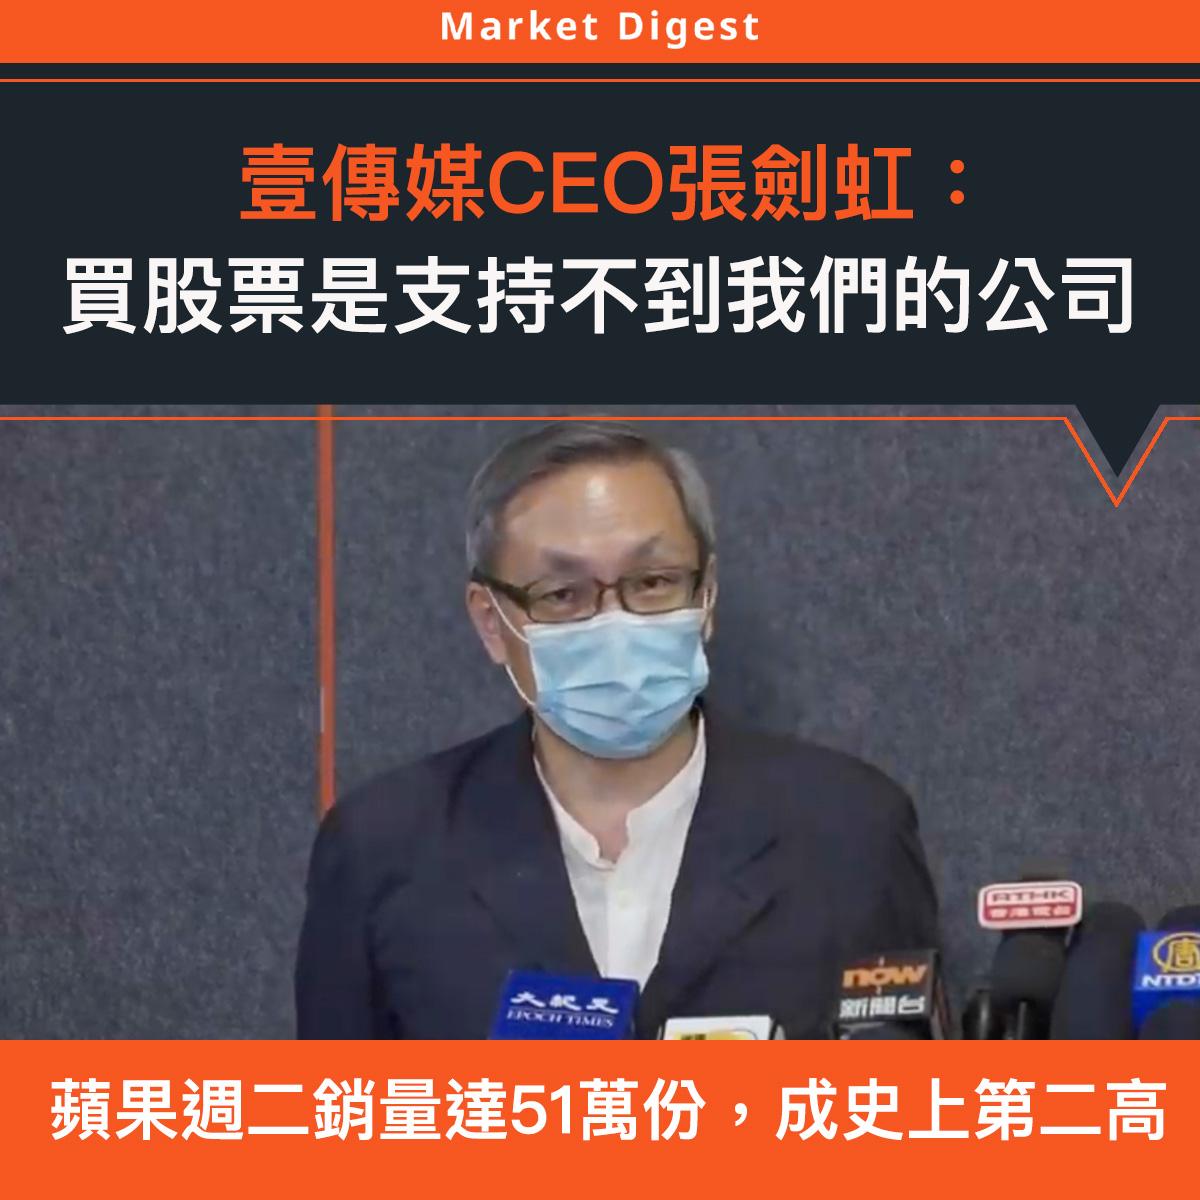 【#市場熱話】壹傳媒CEO張劍虹:買股票是支持不到我們的公司